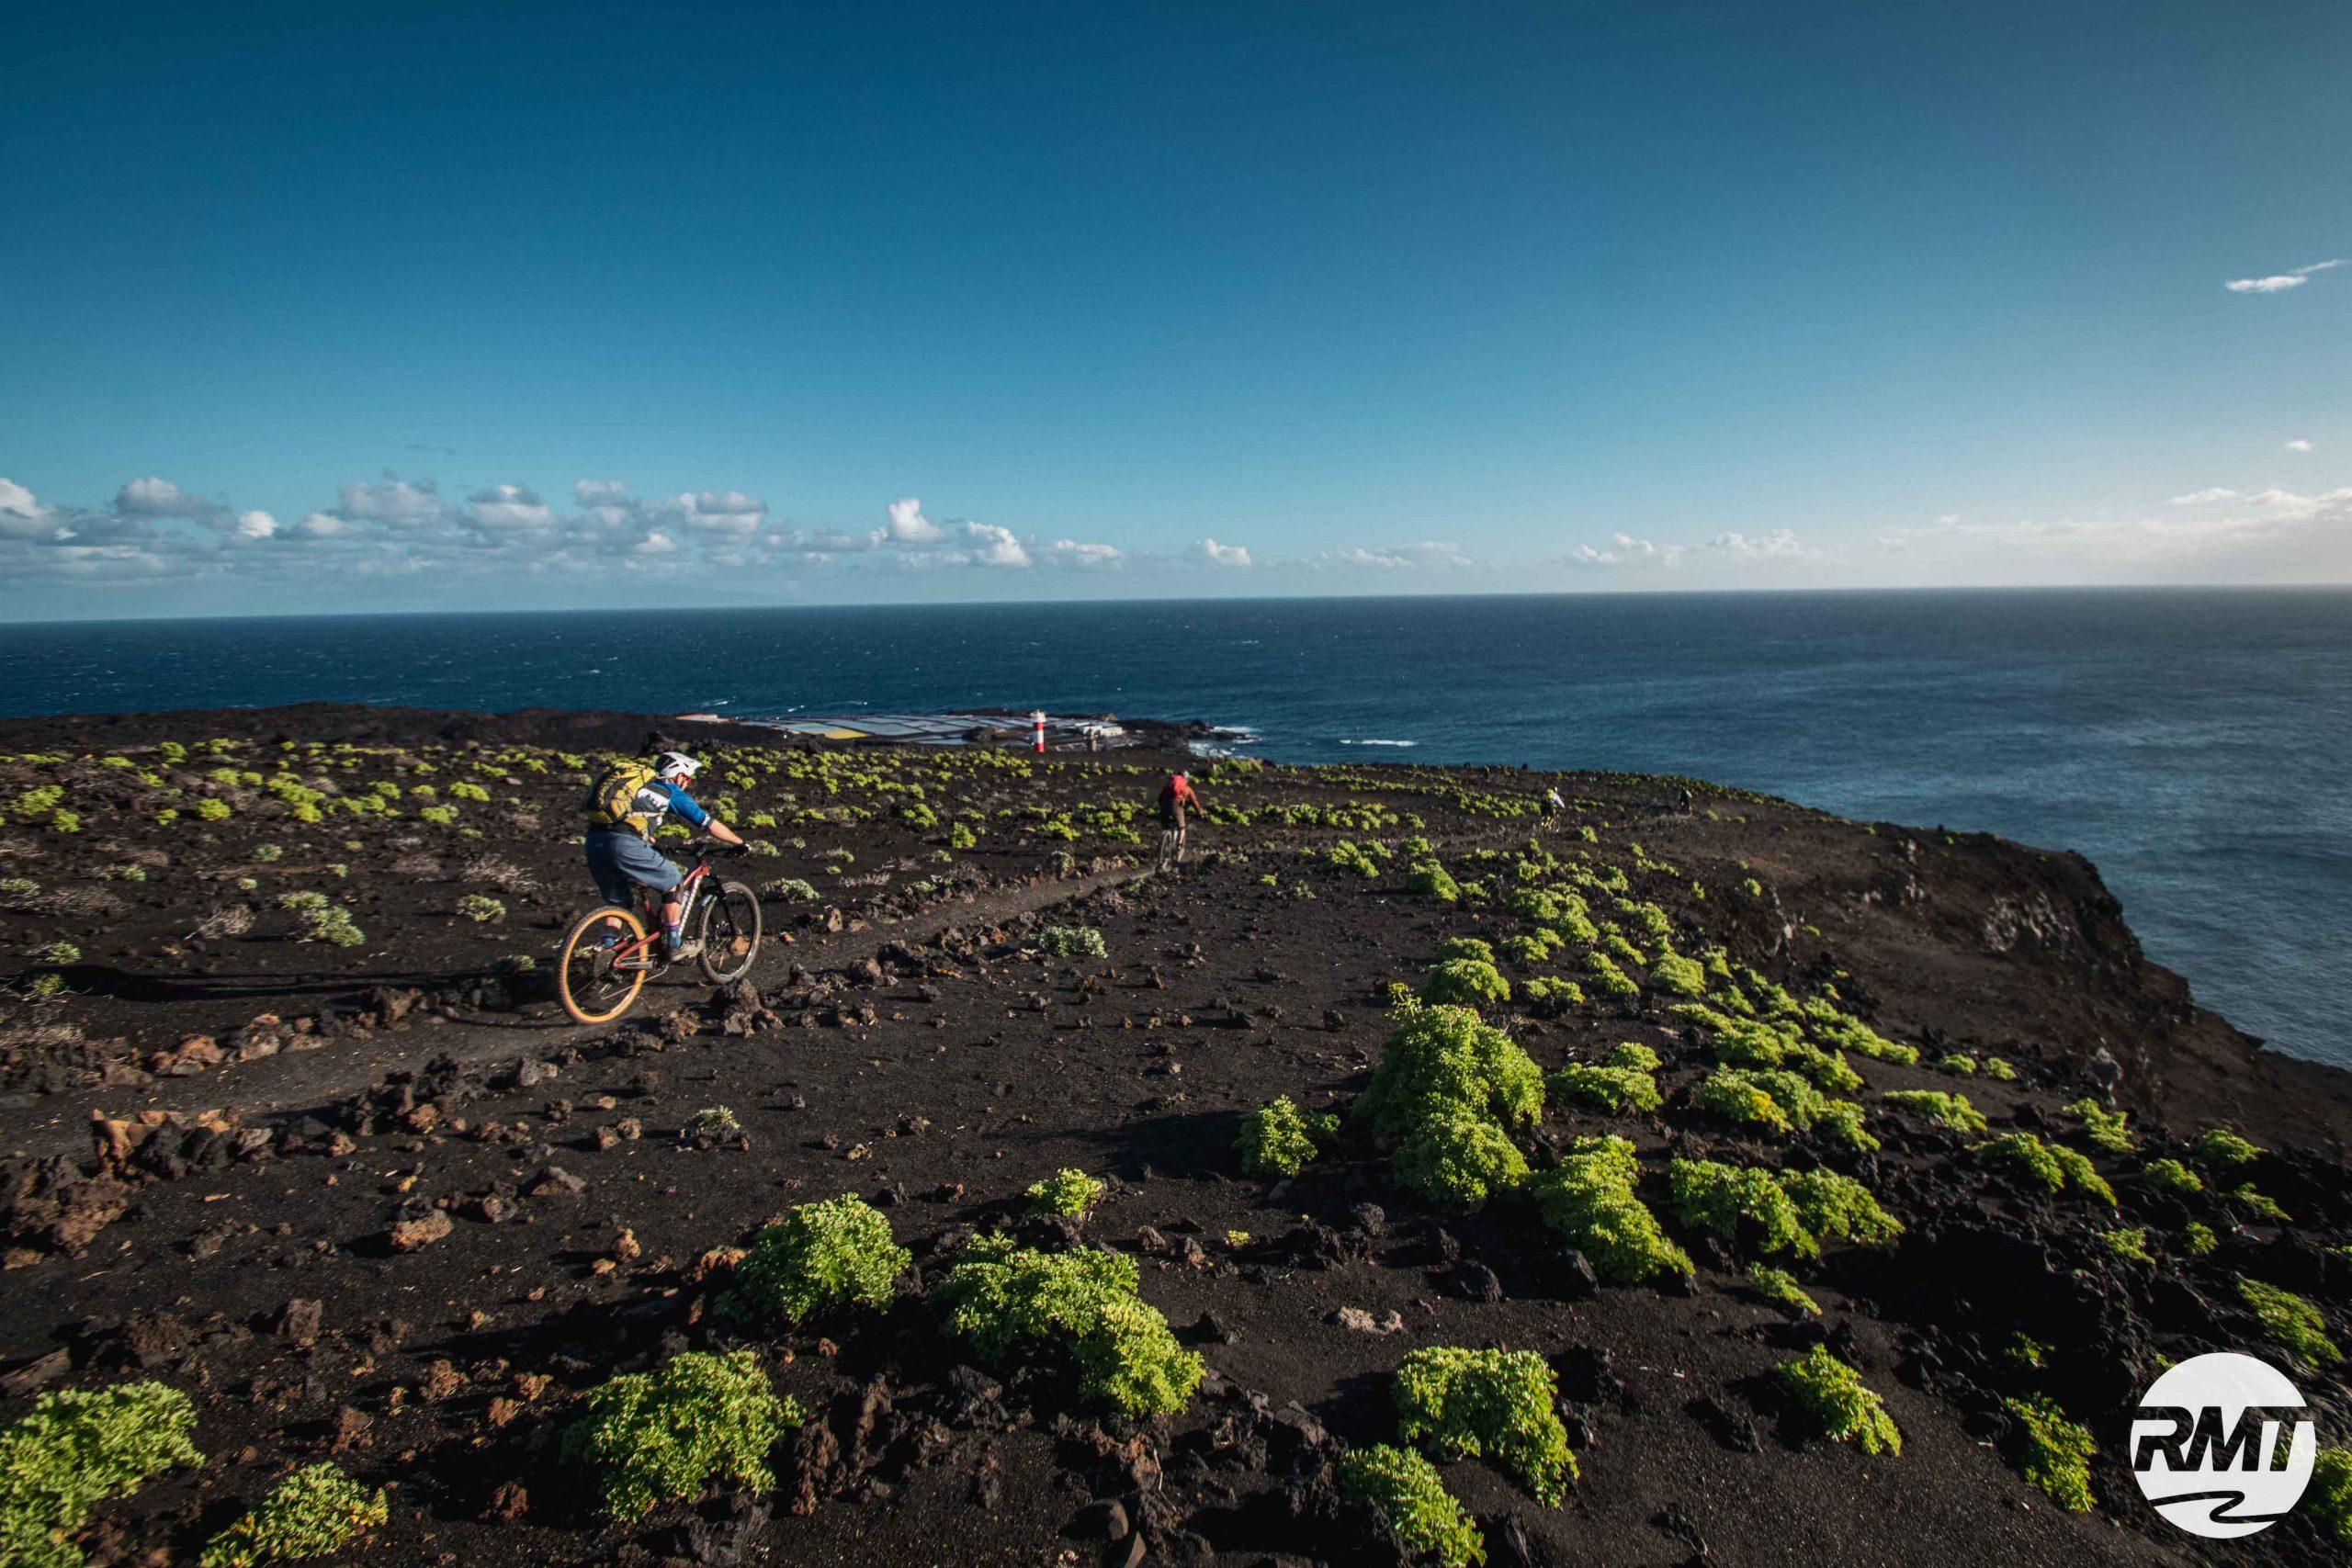 MTB Trail-Urlaub auf La Palma - Isla Bonita - Kanaren _Rock my Trail Bikeschule GmbH